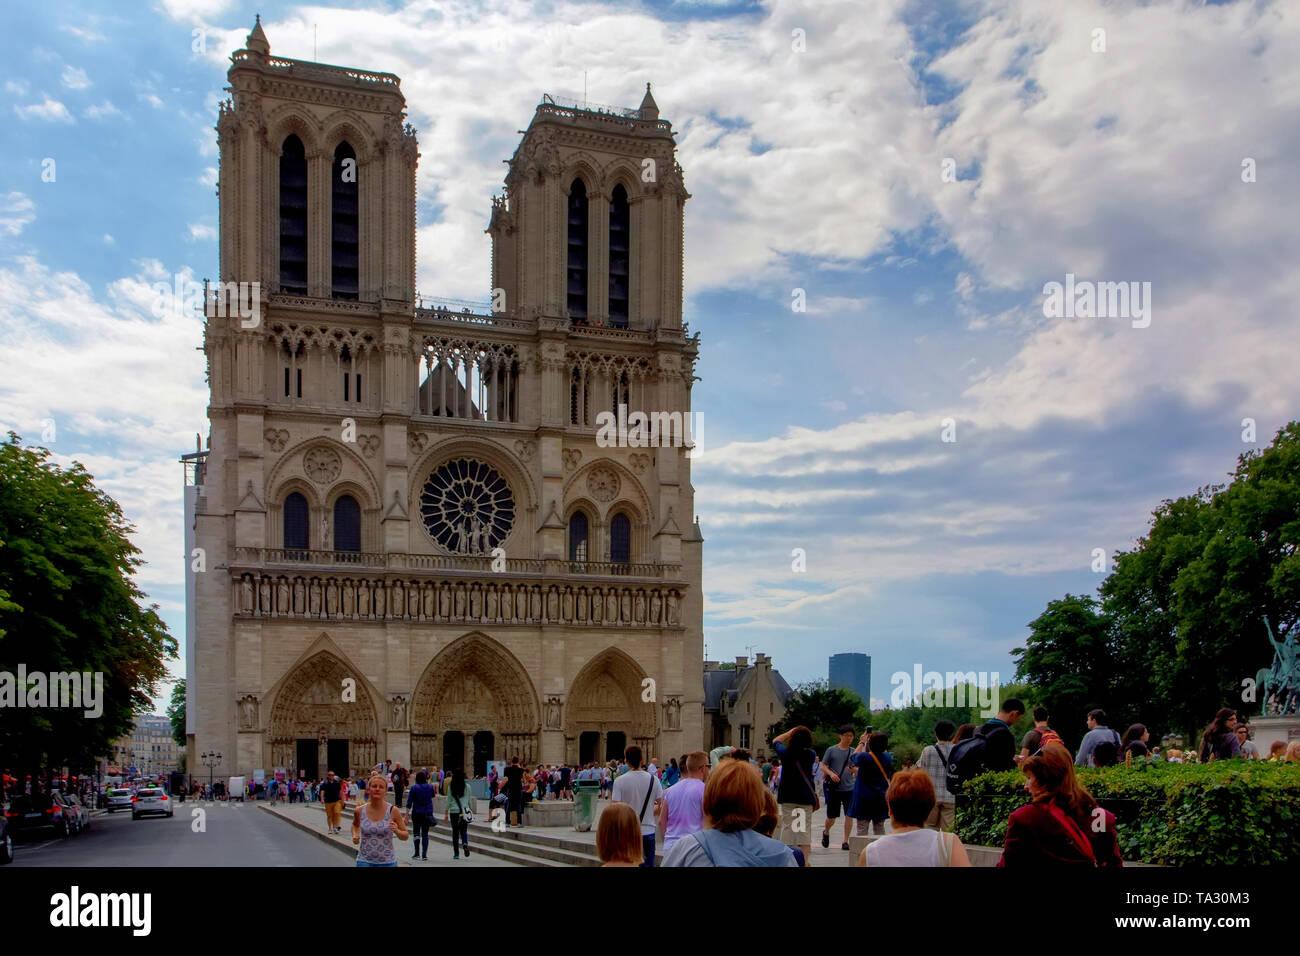 PARIS, FRANCE - 8 JUNE 2014: Tourists near Notre Dame de Paris in Paris - Stock Image